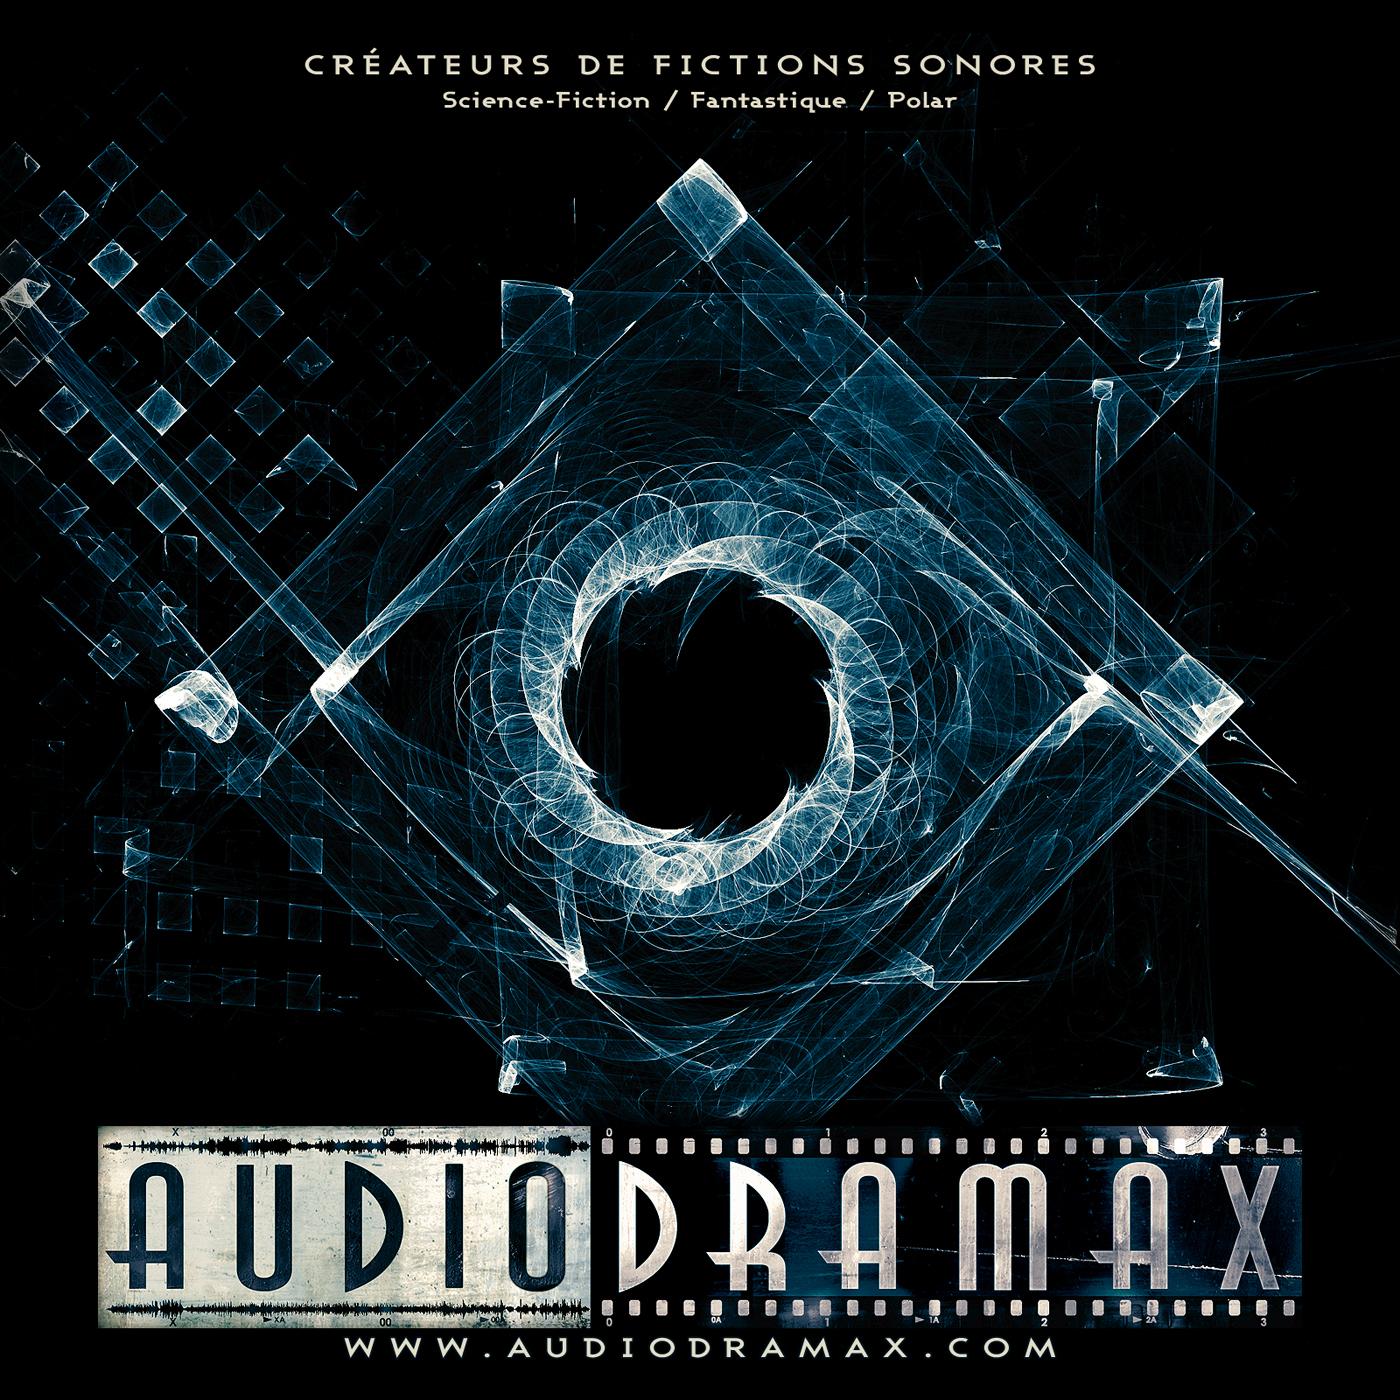 AudioDramax